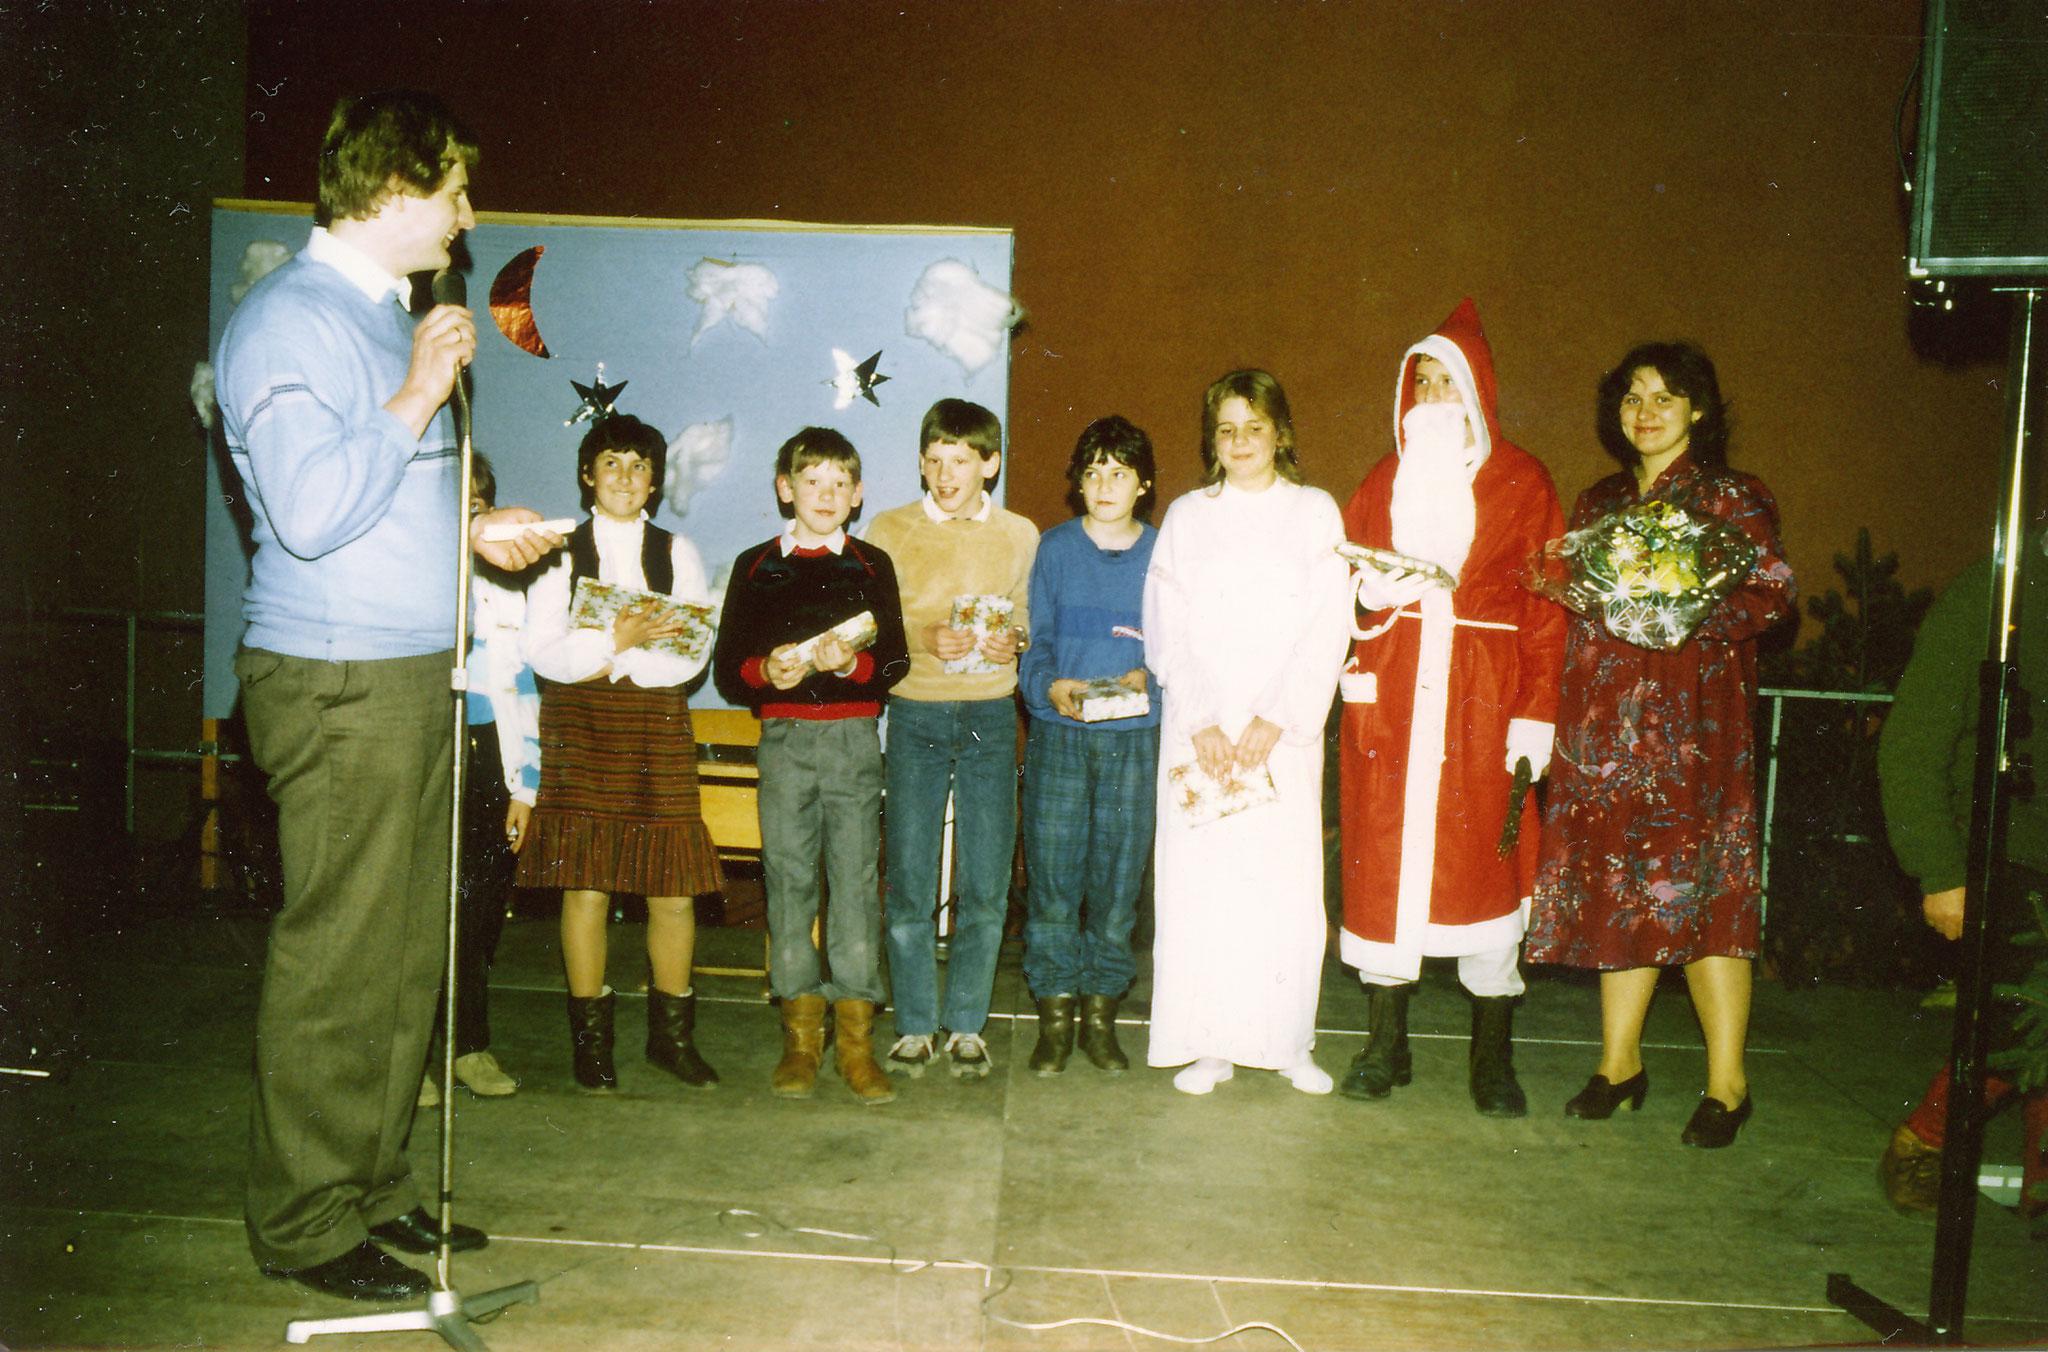 Nikolaus zu besuch auf der Weihnachtsfeier des Vereins in der Halle